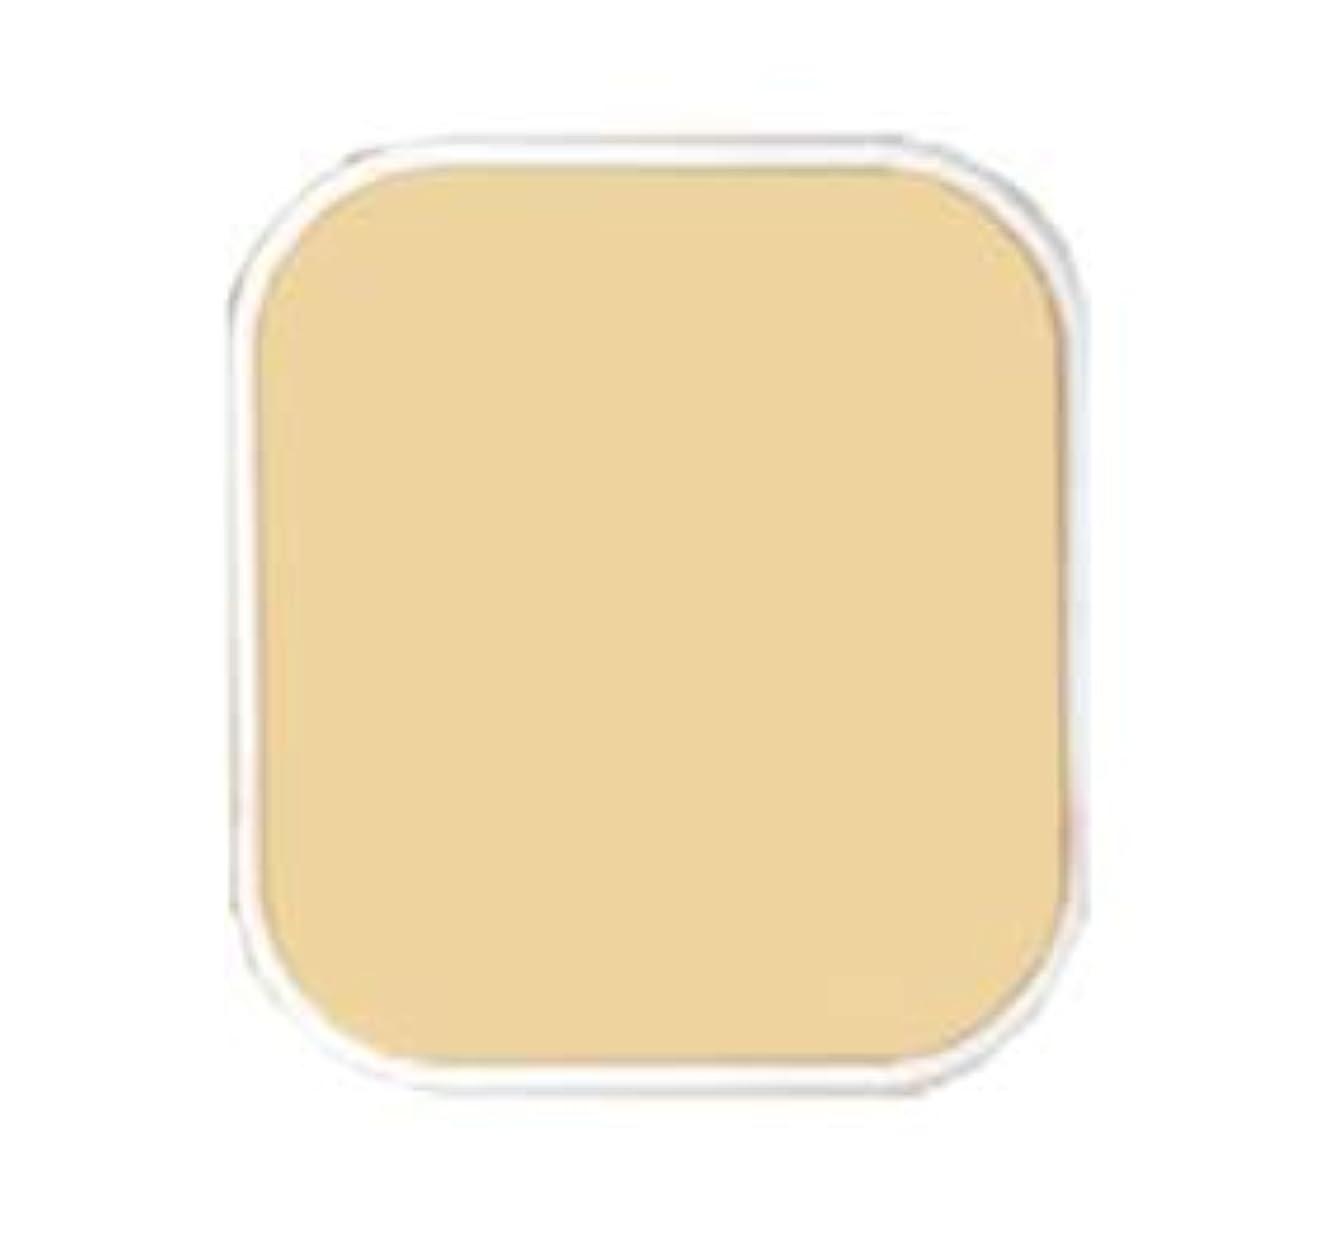 治療北へ上昇アクセーヌ クリーミィファンデーションPV(リフィル)<O10明るいオークル系>※ケース別売り(11g)